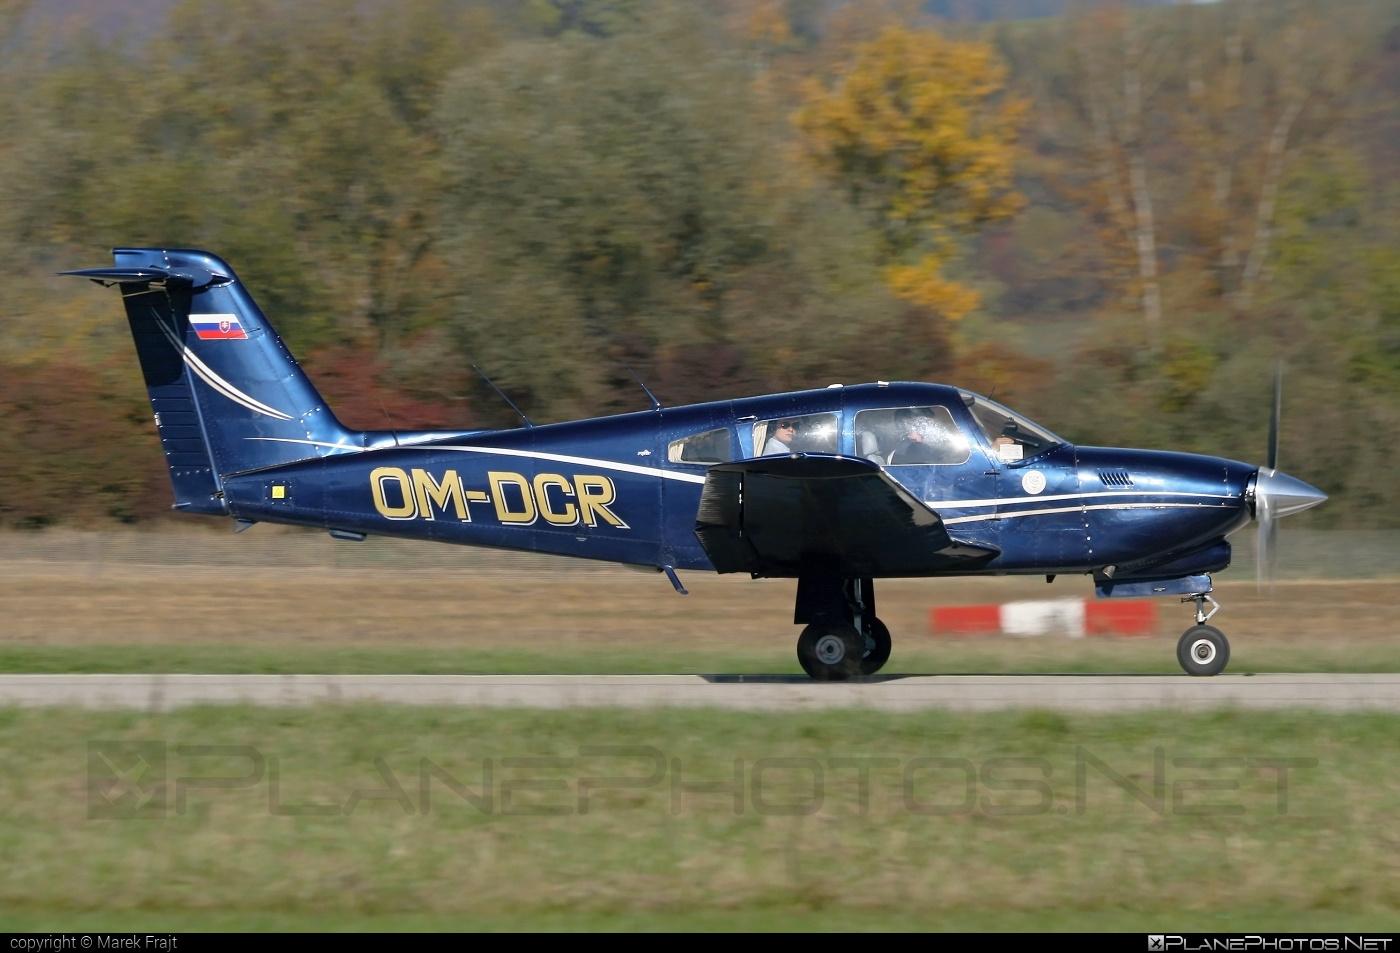 Piper PA-28RT-201T Turbo Cherokee Arrow IV - OM-DCR operated by University of Žilina #cherokeearrow #cherokeearrowiv #pa28 #pa28rt201t #piper #pipercherokee #pipercherokeecarrow #turbocherokee #turbocherokeearrow #turbocherokeearrowiv